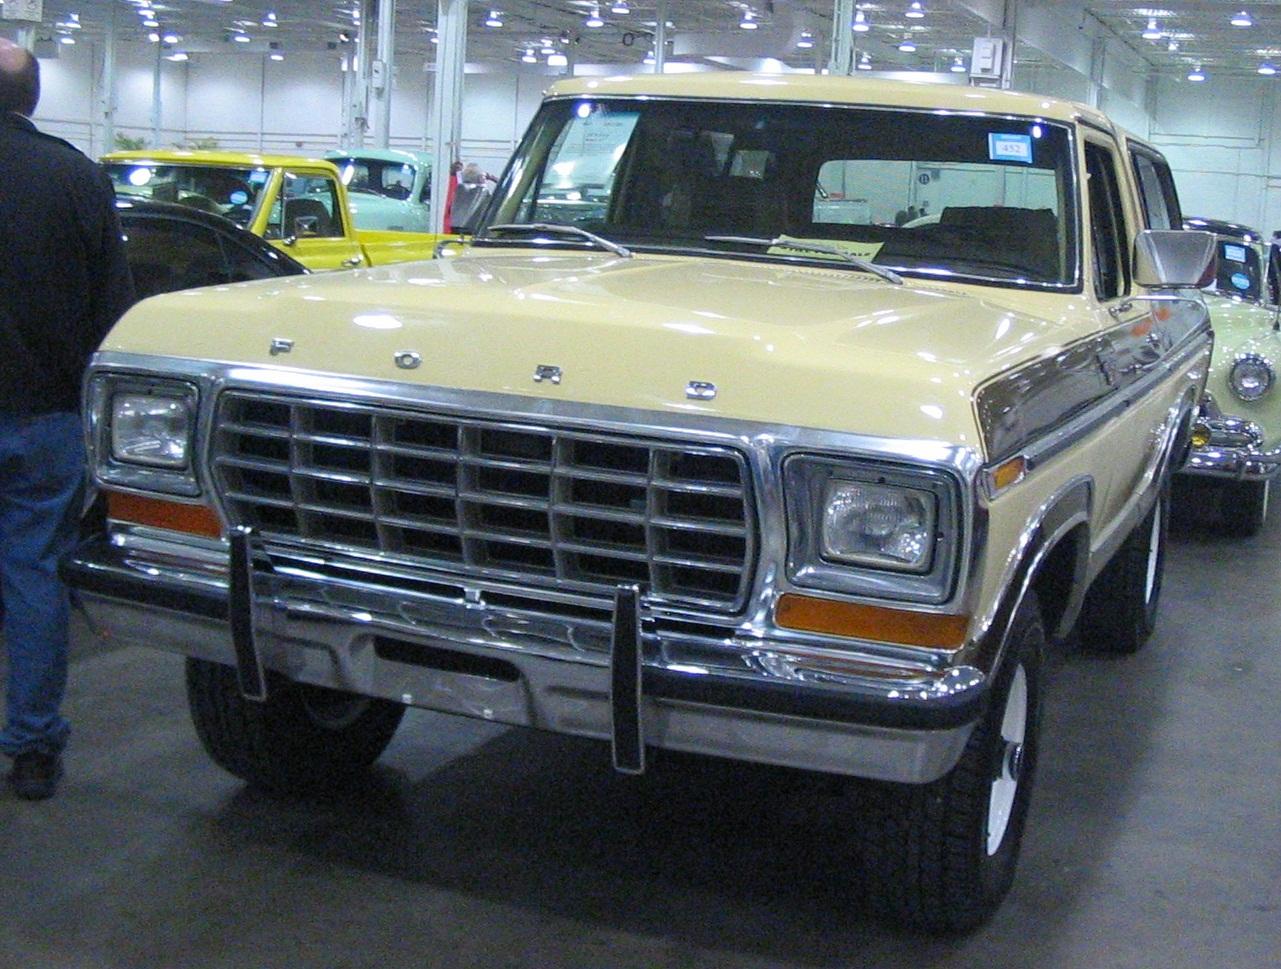 '79_Ford_Bronco_(Toronto_Spring_'12_Classic_Car_Auction) ford courier engine diagram 10 on ford courier engine diagram